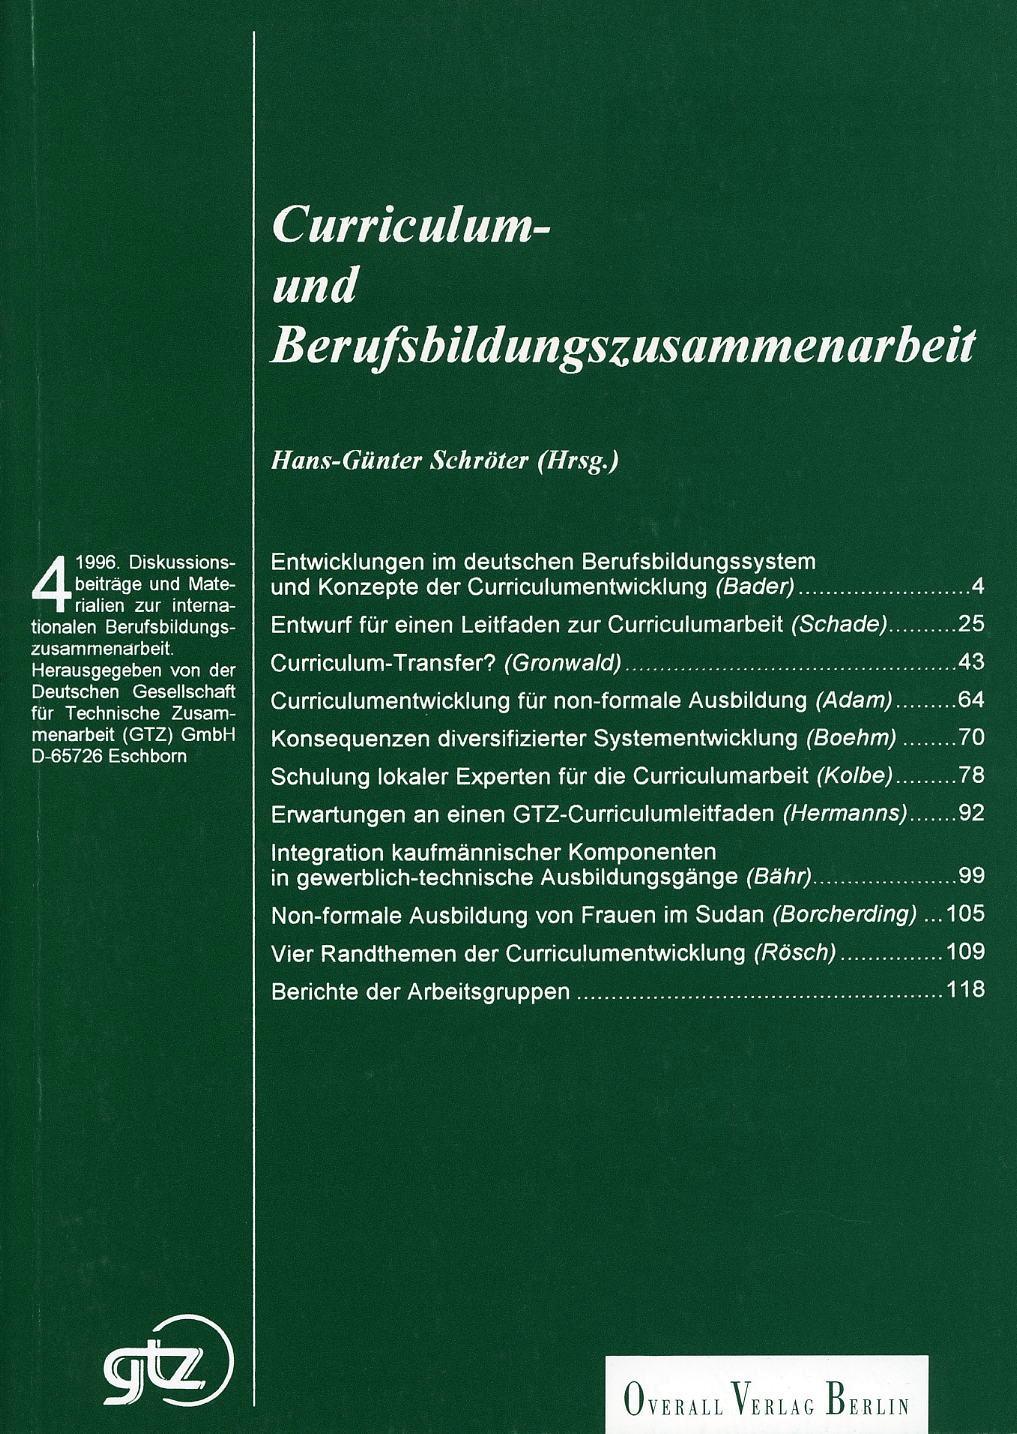 Curriculum- und Berufsbildungszusammenarbeit